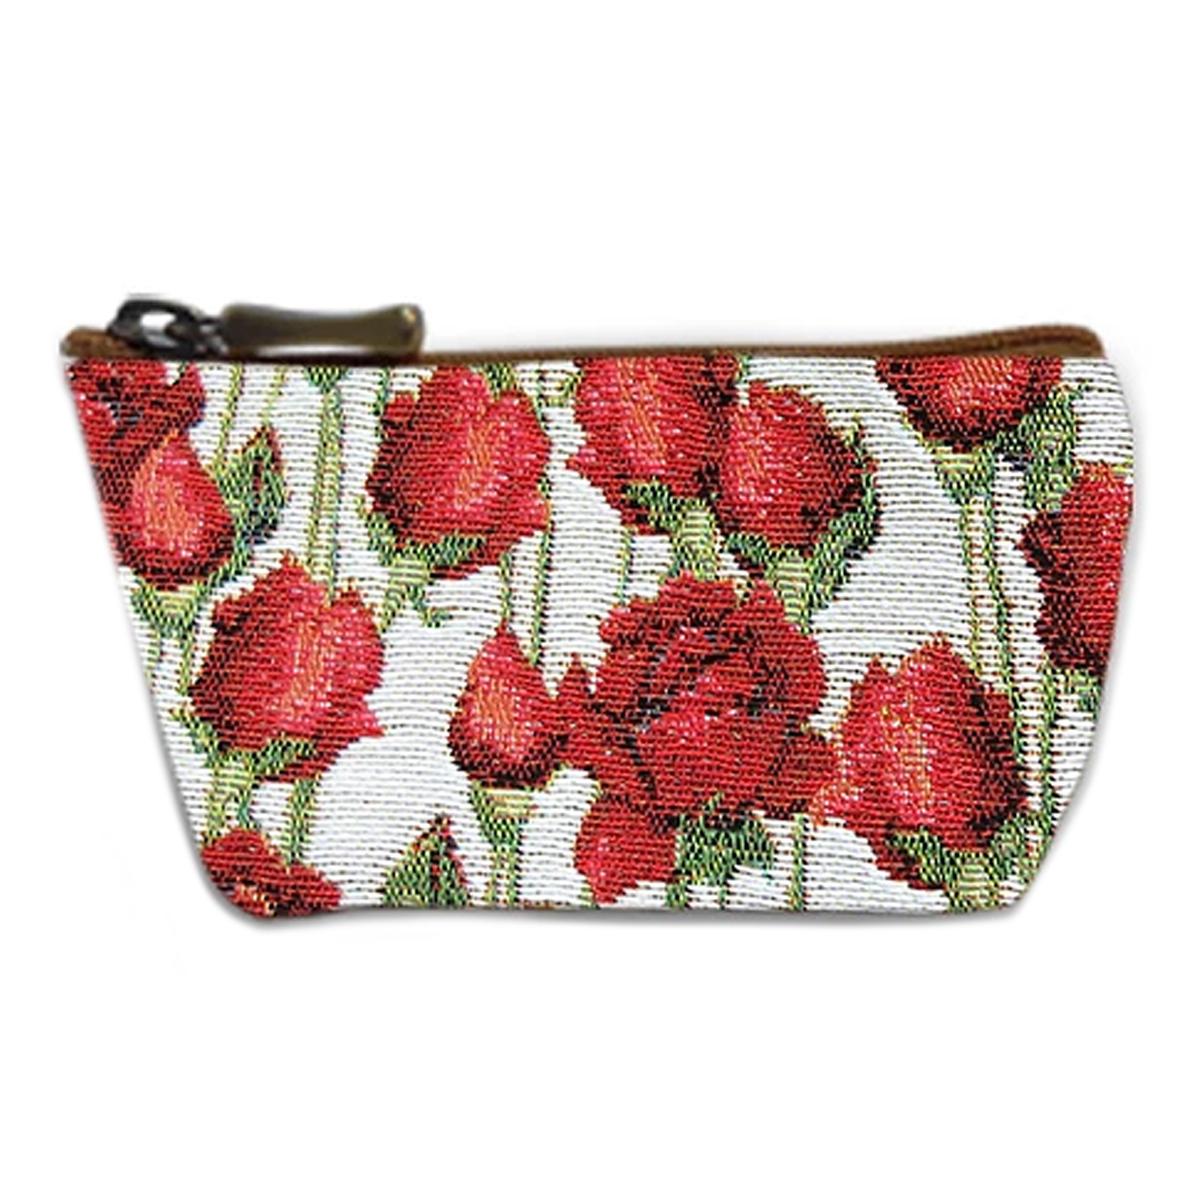 Porte-monnaie artisanal \'Royal Tapisserie\' blanc rouge (roses rouges)  - 12x8x4 cm - [Q6361]